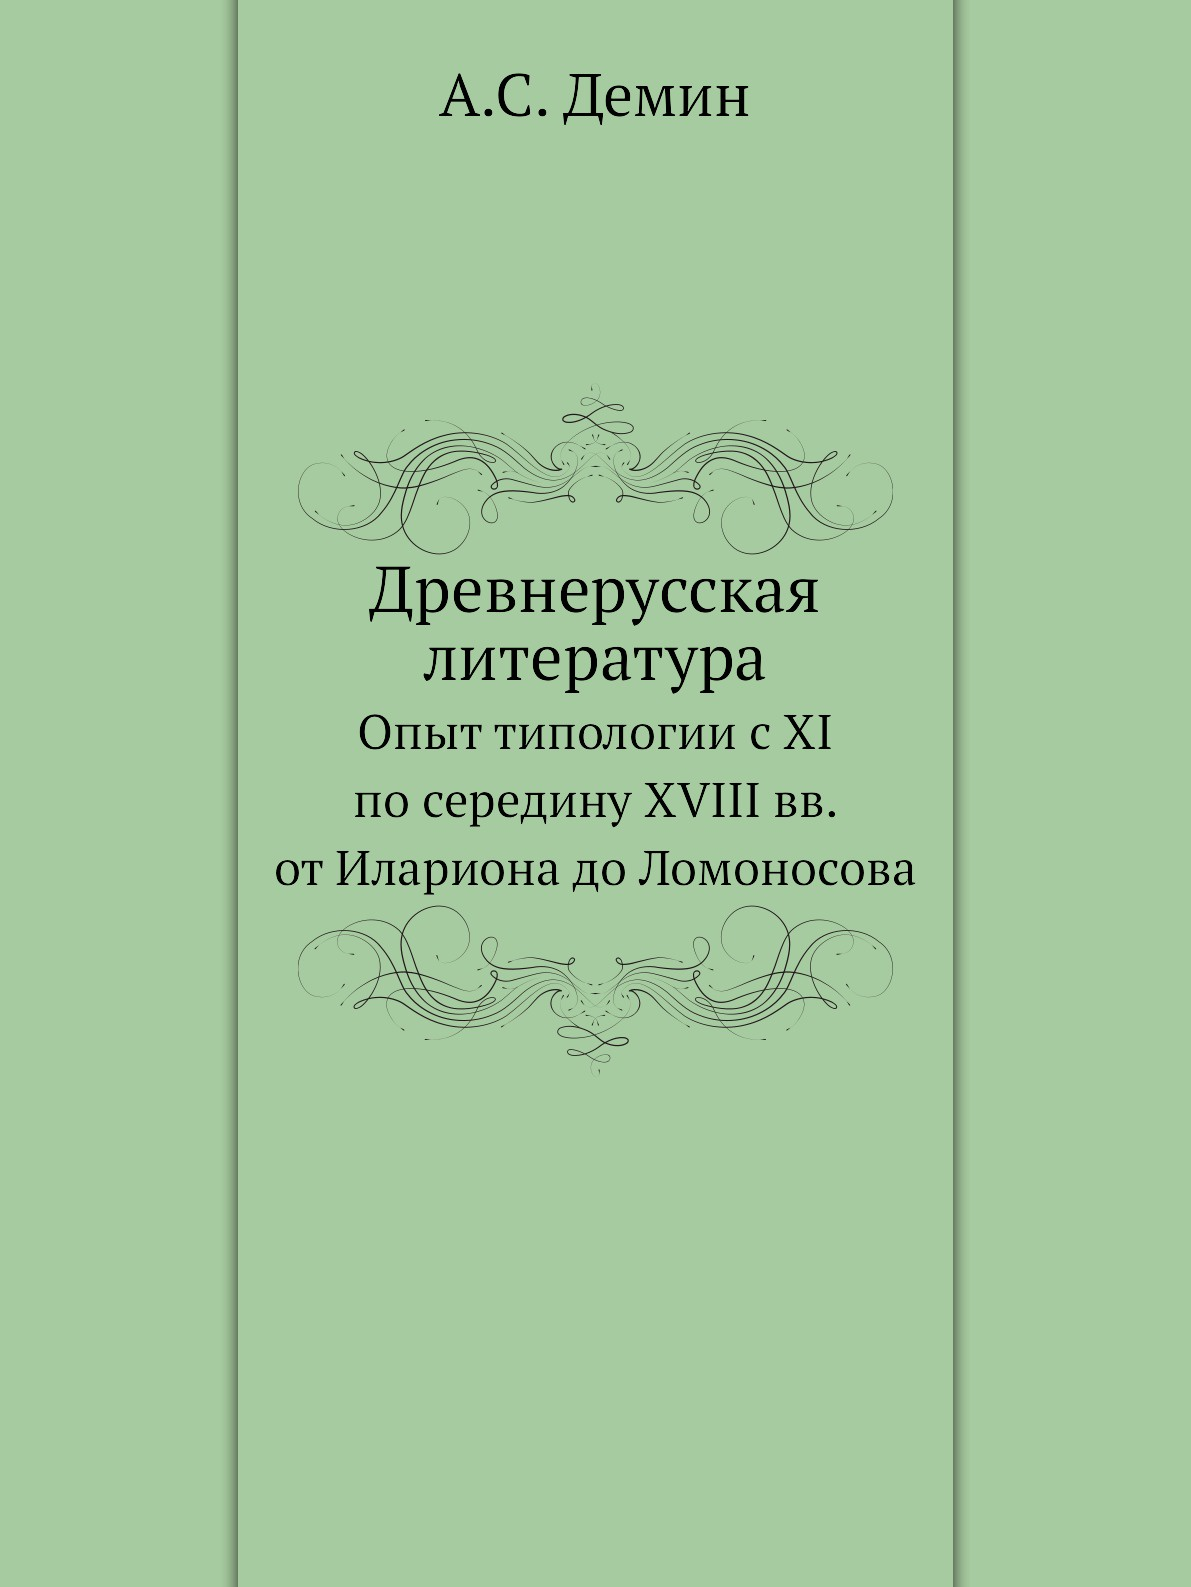 А.С. Демин Древнерусская литература. Опыт типологии с XI по середину XVIII вв. от Илариона до Ломоносова